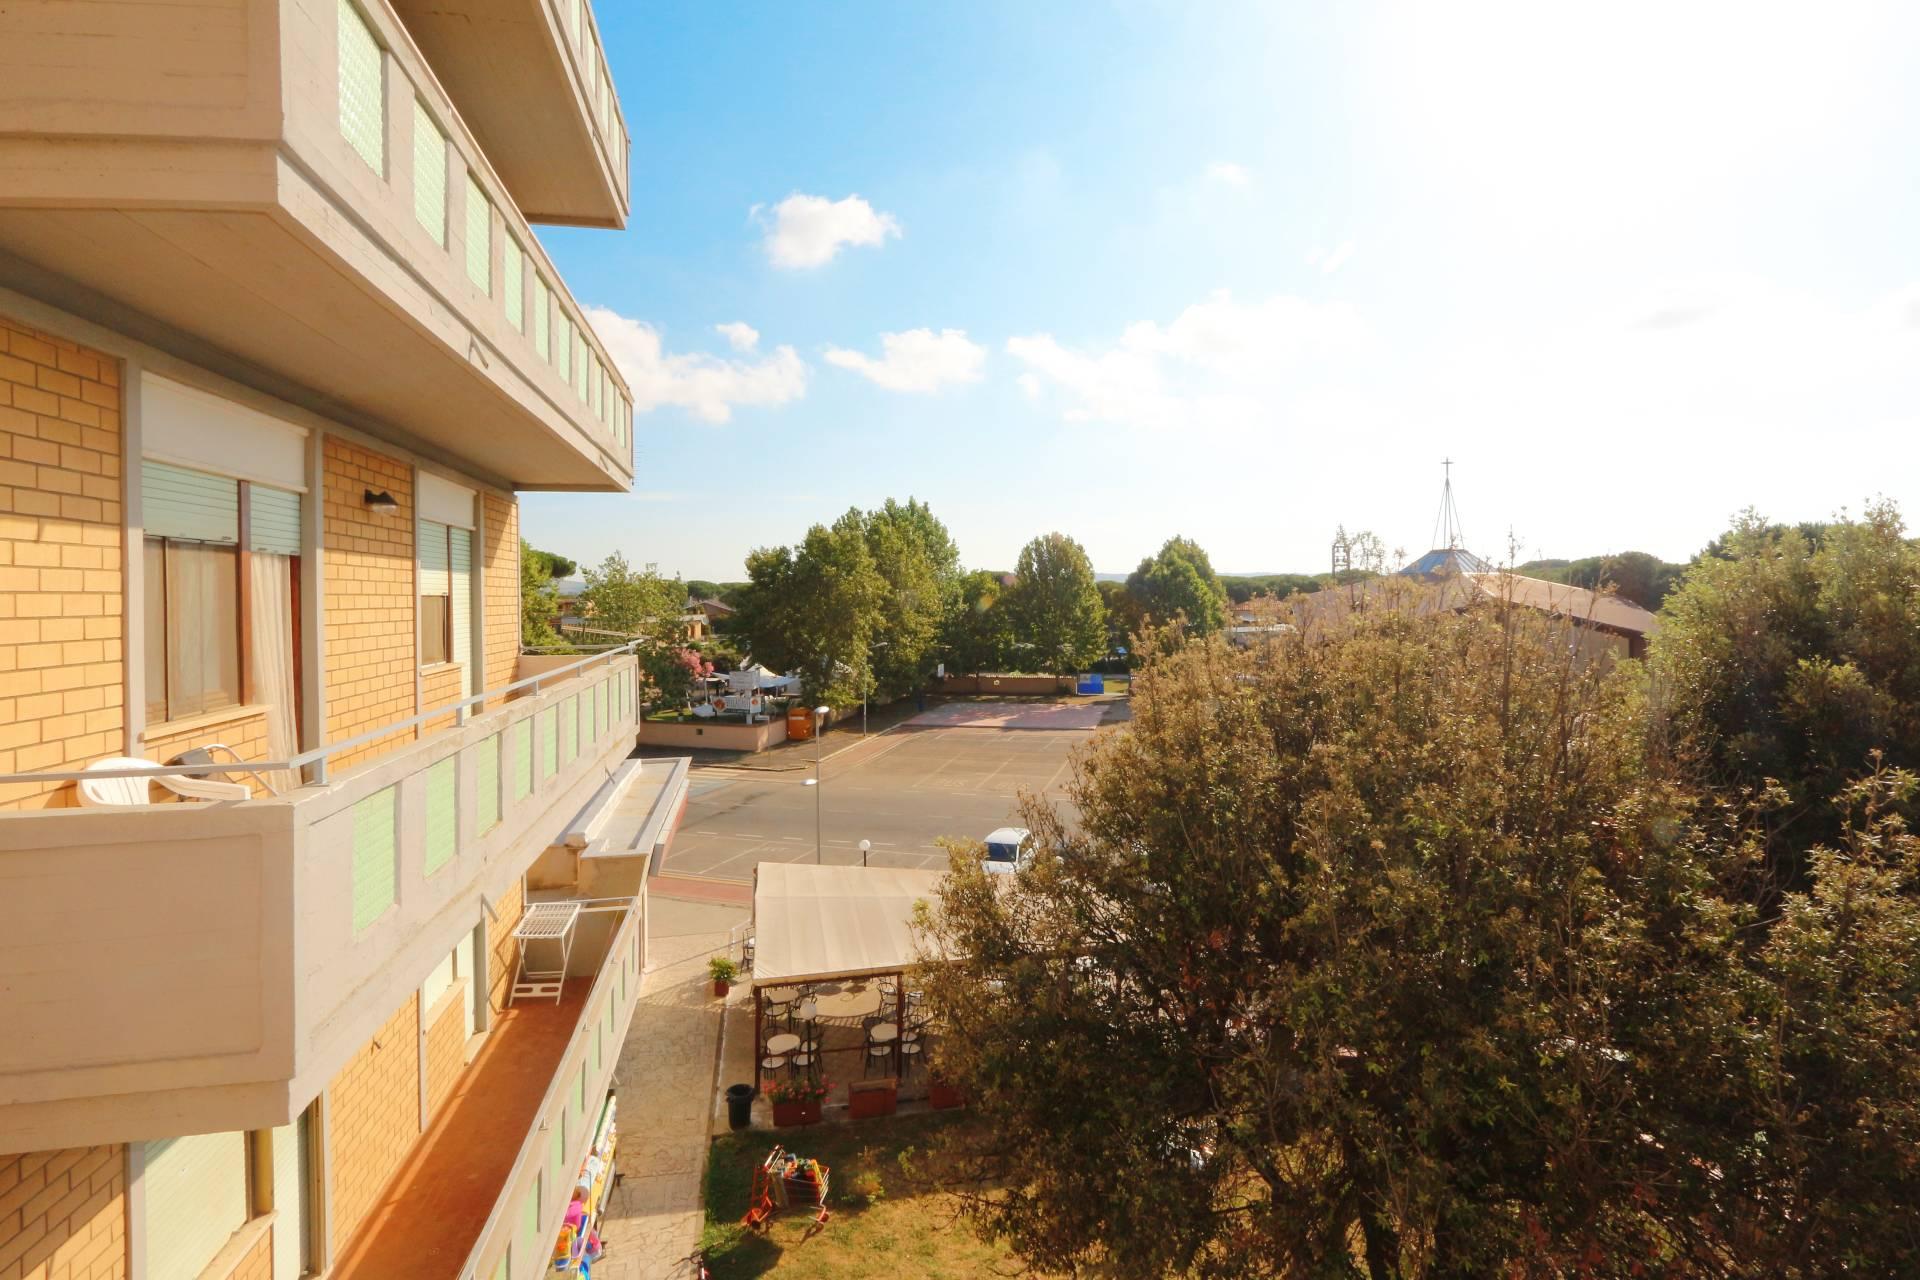 Appartamento in vendita a Tarquinia, 3 locali, zona Località: LidodiTarquinia, prezzo € 149.000 | CambioCasa.it